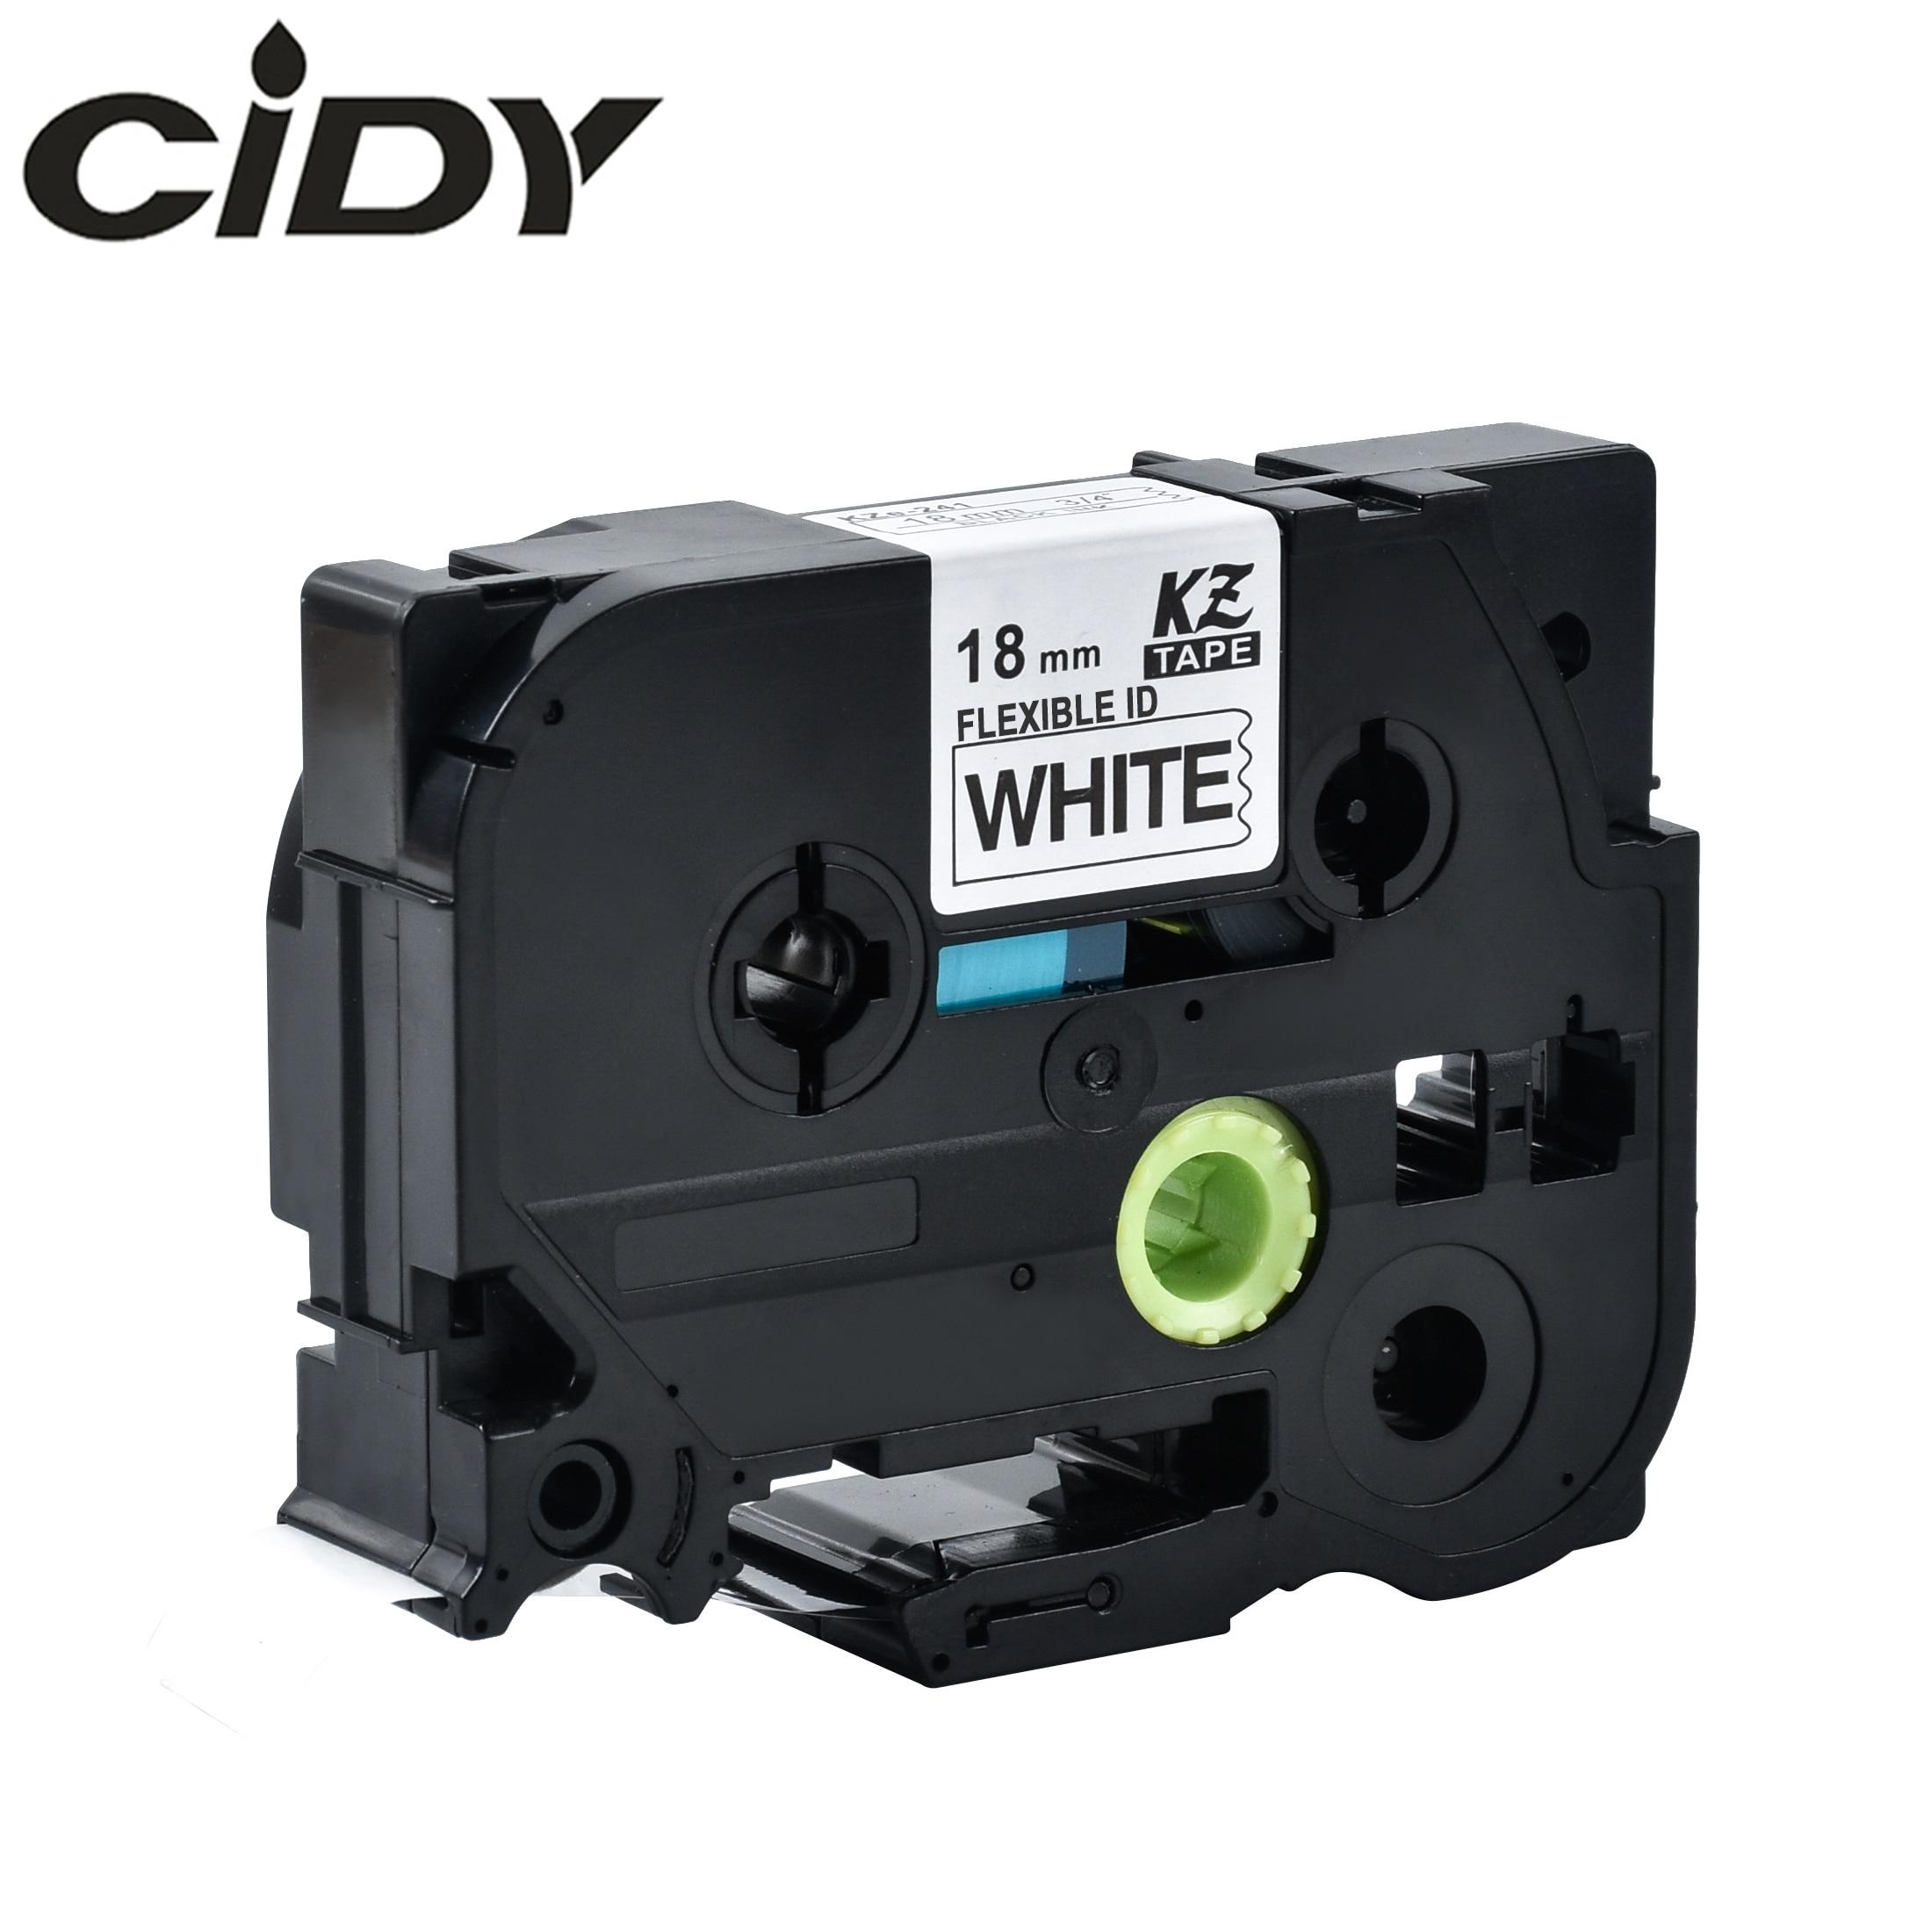 CIDY Tze-FX241 Tz-FX241 Black On White Flexible Label Compatible P Touch 18mm Tze FX241 Tz FX241 Label Tape Cassette Cartridge